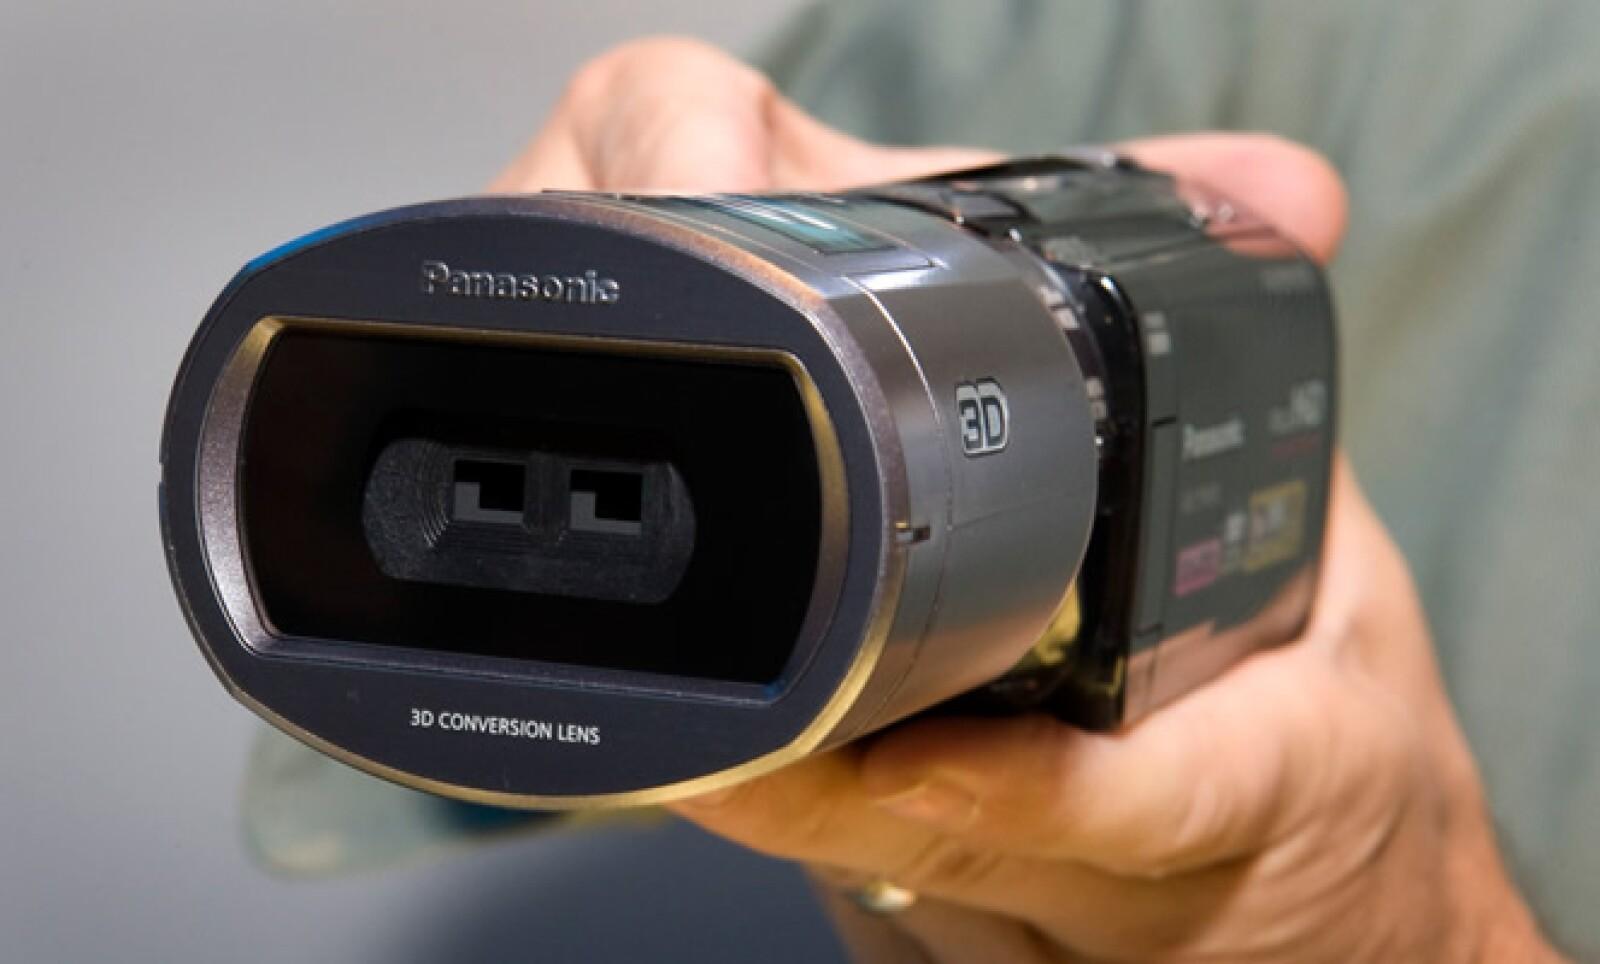 Panasonic presentó la cámara HDC-TM900, capaz de grabar en alta definición y en tercera dimensión.